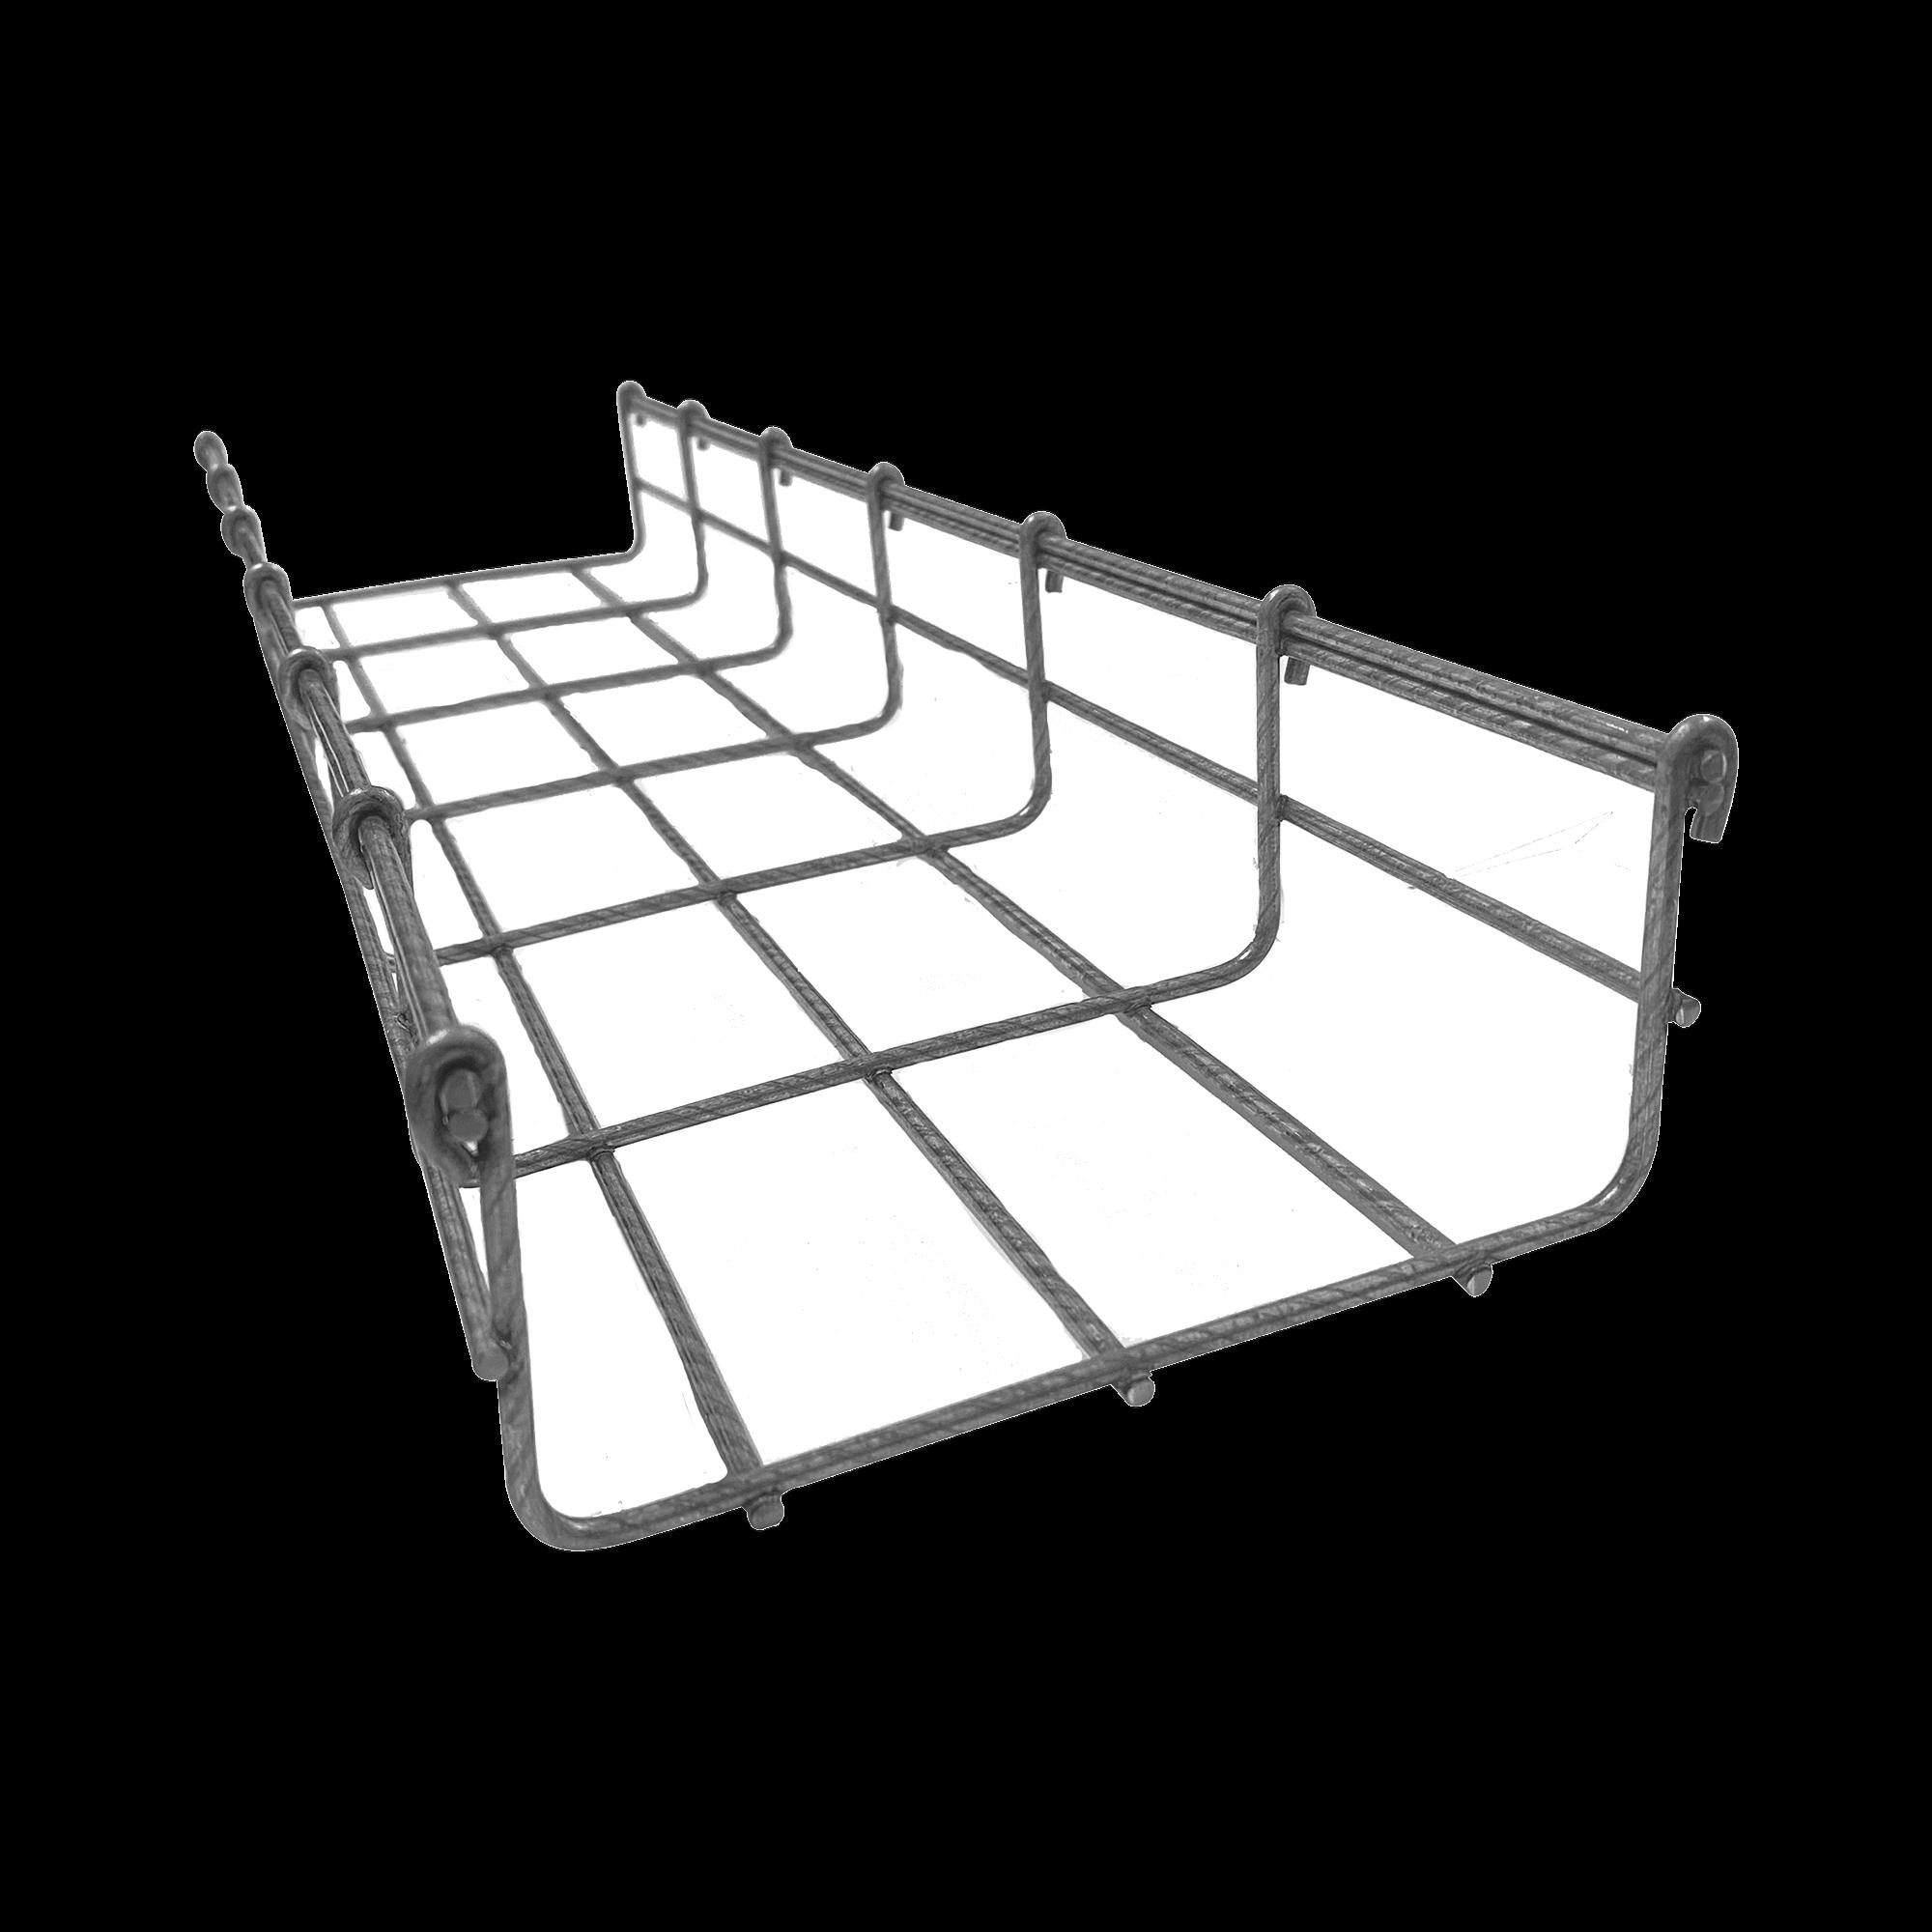 Charola tipo malla 54/150 mm BIMETáLICA para Instalación en Exterior o Interior, Extrema Resistencia y Durabilidad. Hasta 129 cables Cat6 (Tramo de 3 metros).